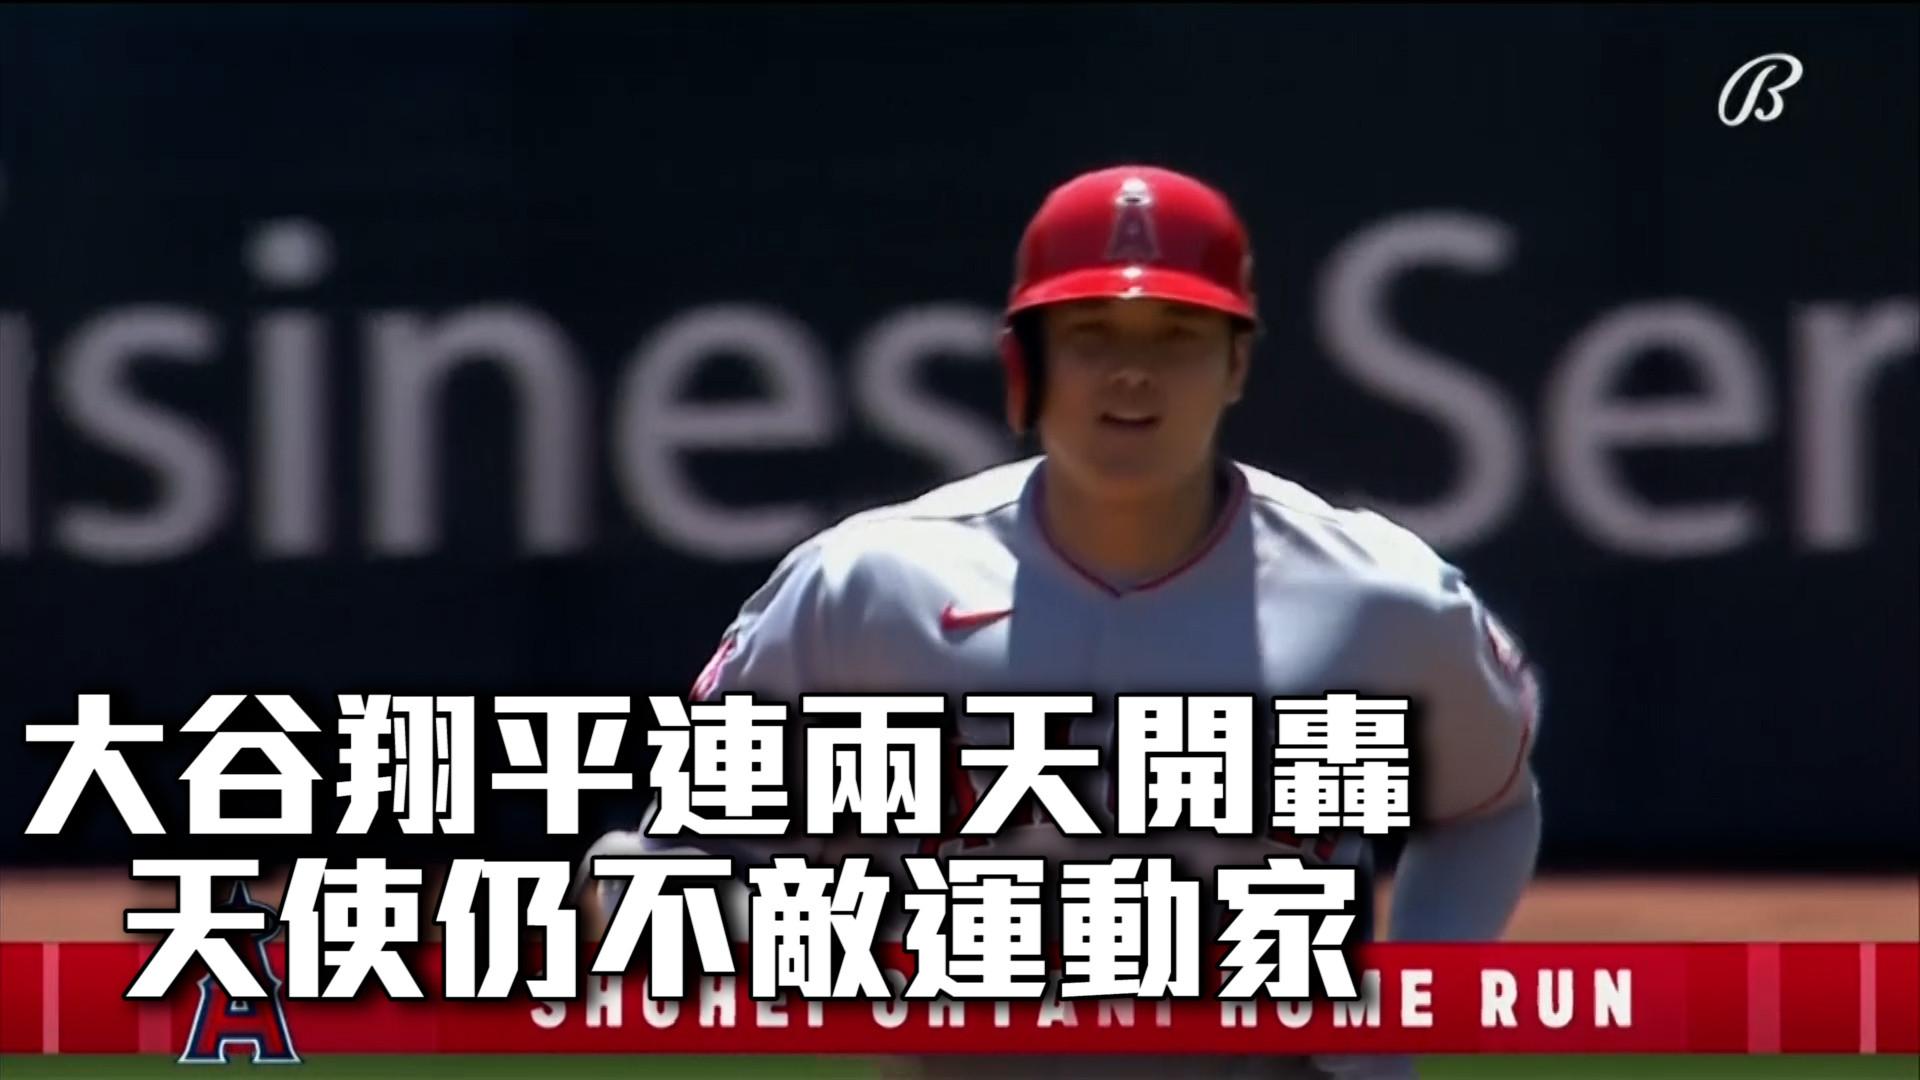 【MLB看愛爾達】大谷翔平連兩天開轟 天使仍不敵運動家 06/17